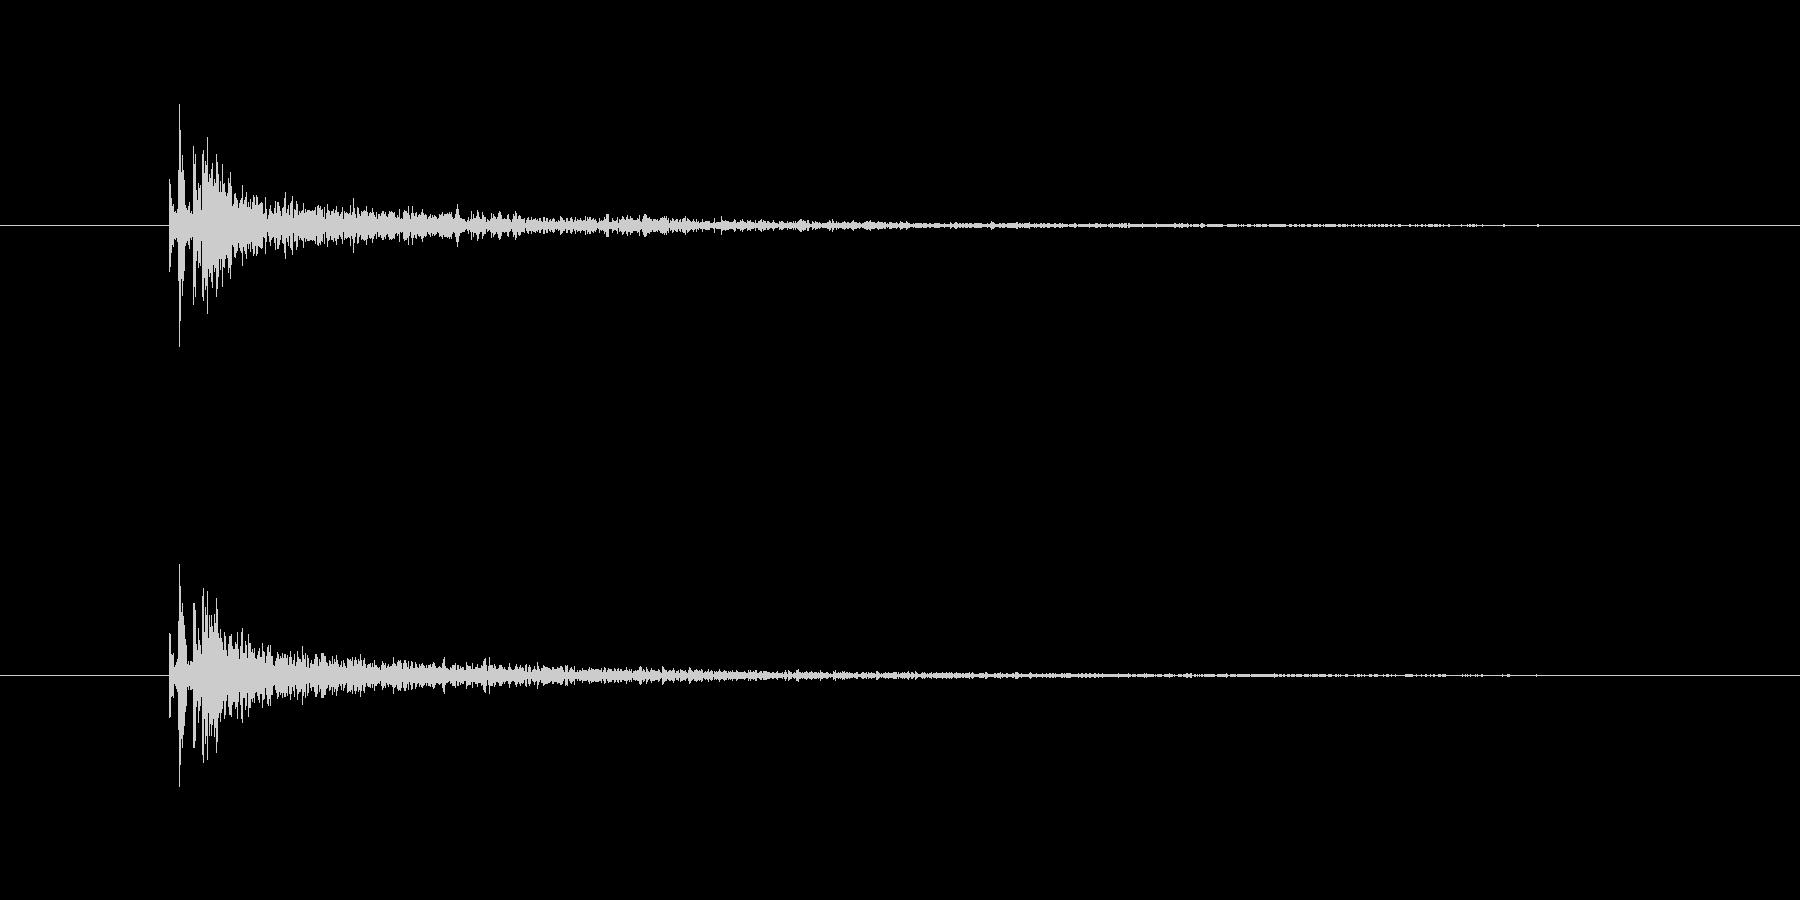 銃声(残響長め)の未再生の波形